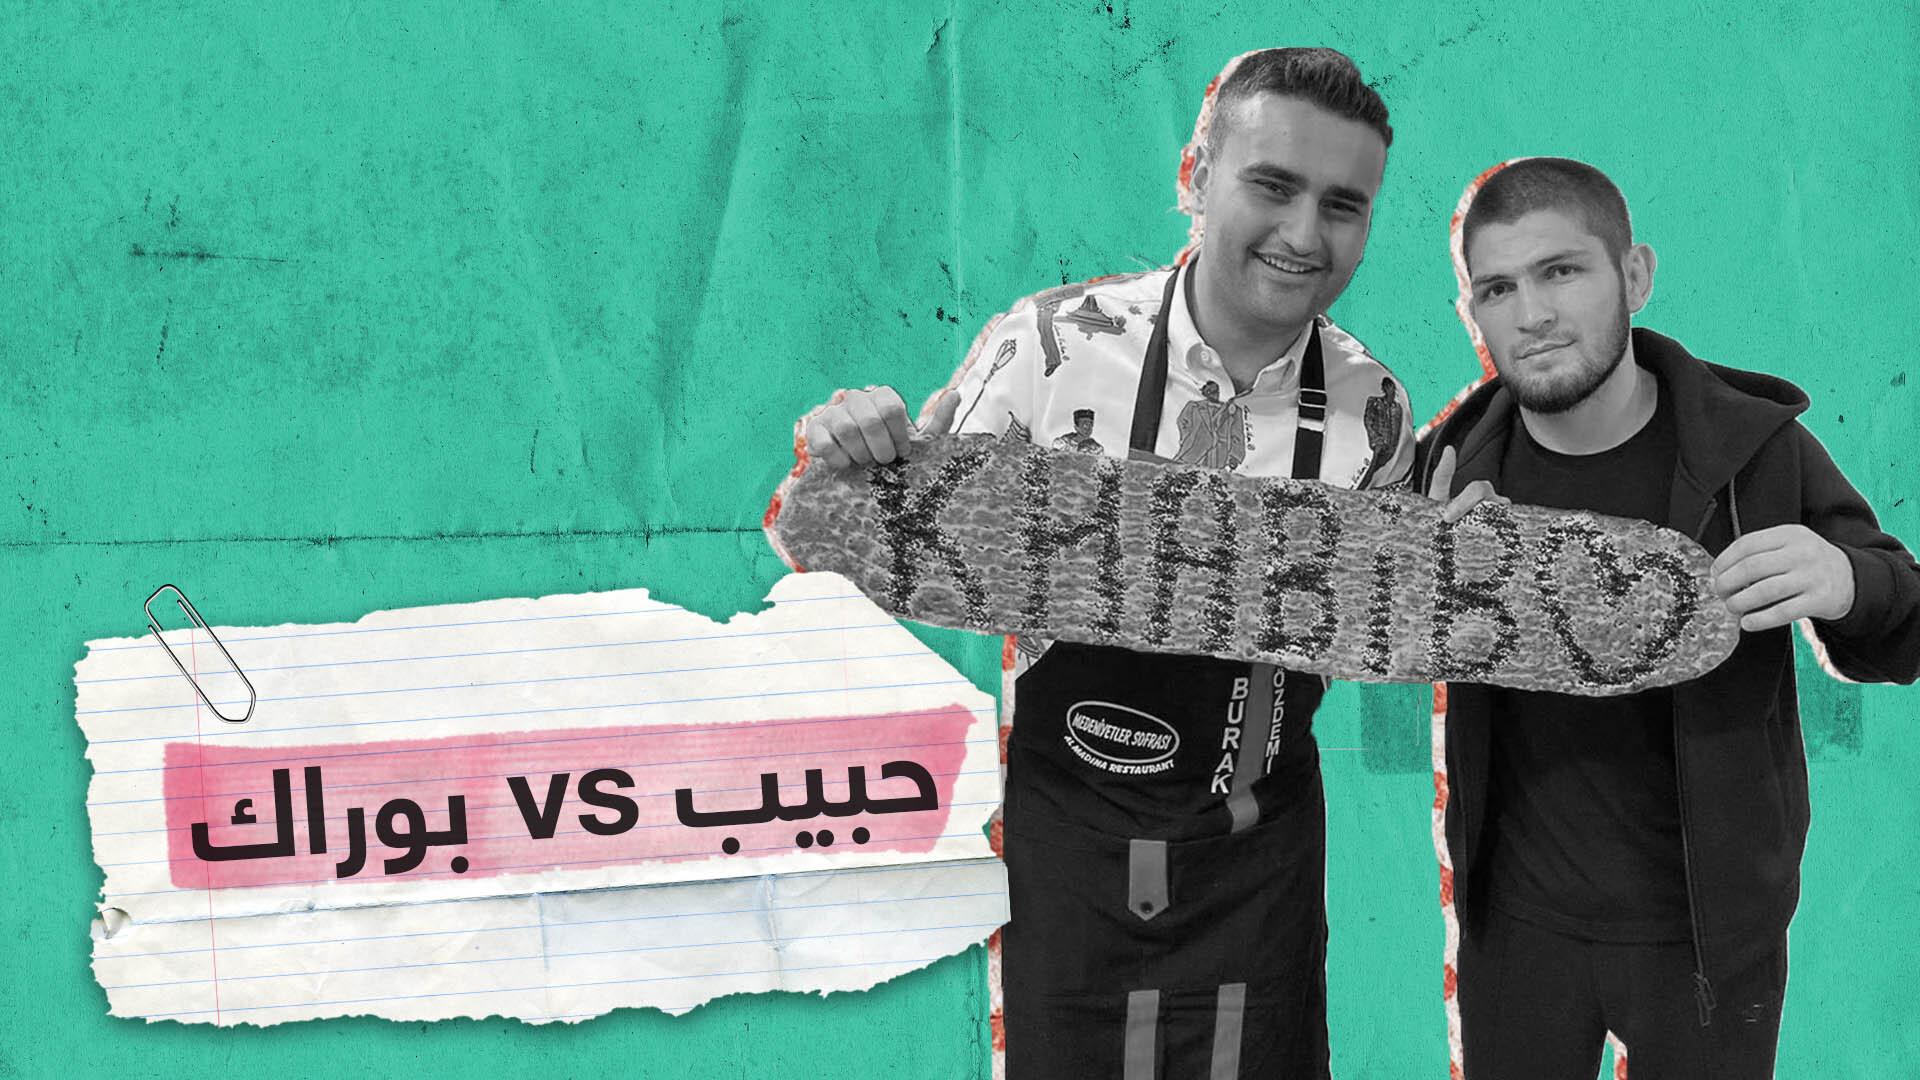 حبيب محمدوف يقع في مصيدة بوراك مرتين